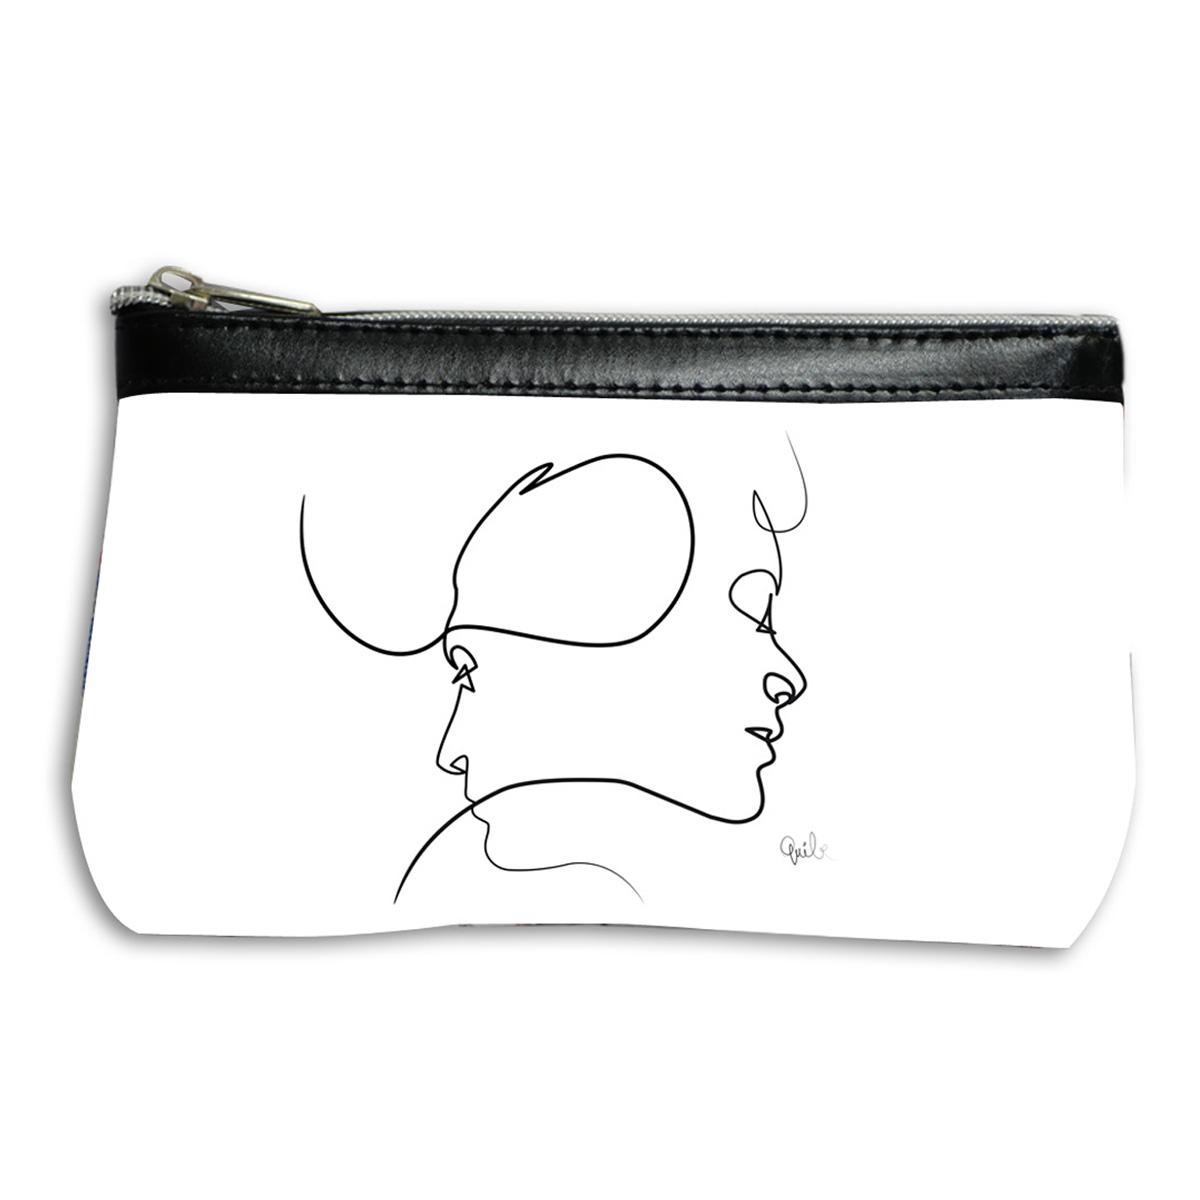 Pochette trousse artisanale \'Quibe\' blanc noir (Presque - visages) - 17x12 cm - [A0327]